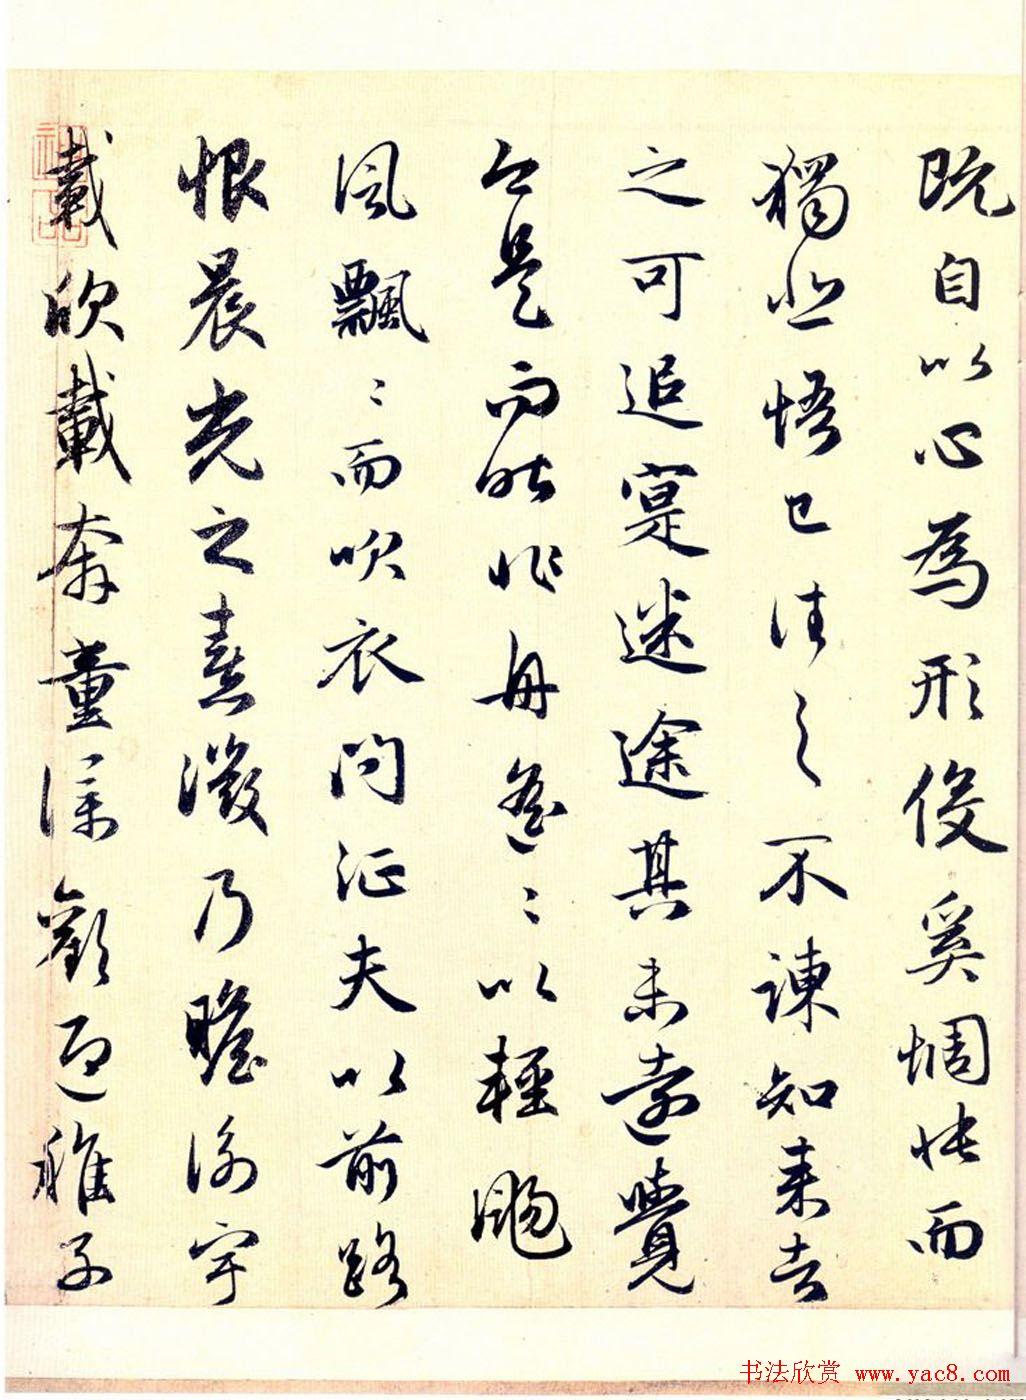 赵孟頫书法长卷《归去来辞卷》两种